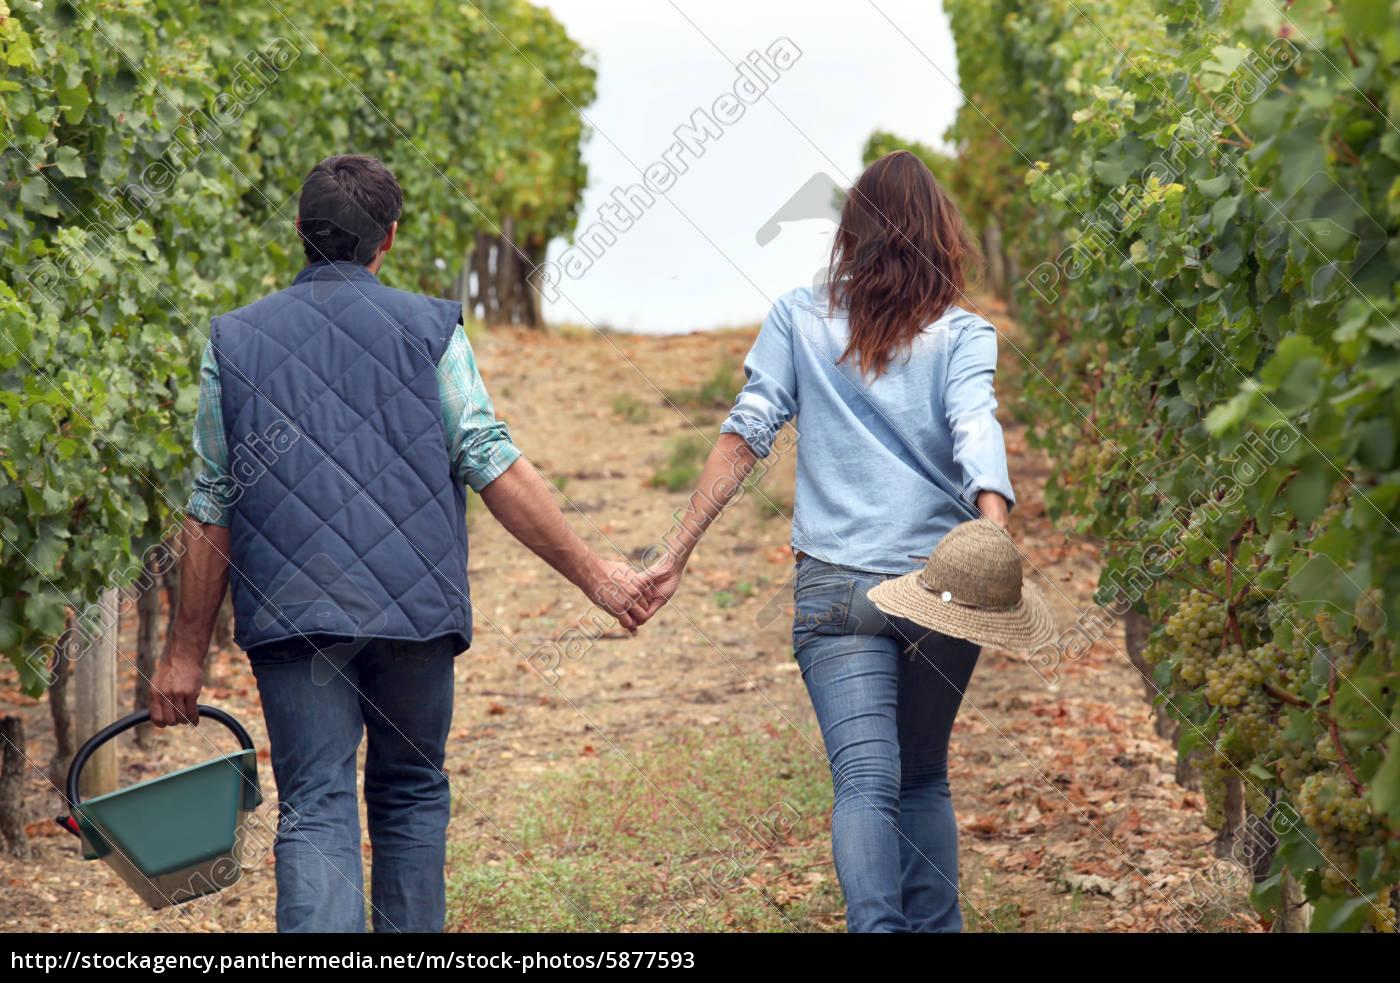 paar, händchen, haltend - 5877593